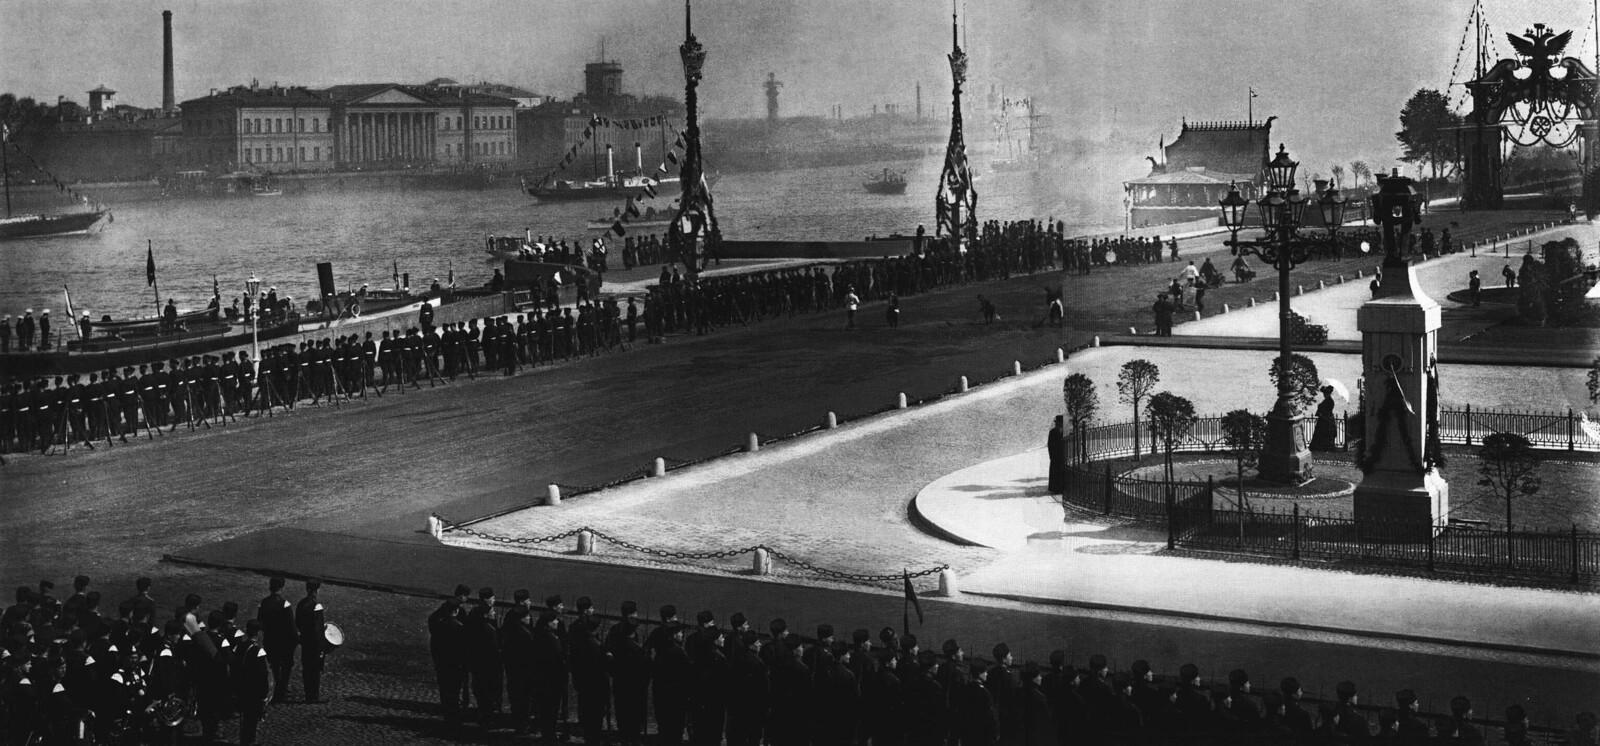 1903. Празнование 200-летия Санкт-Петербурга. Парад на площади императора Петра I. 16 мая